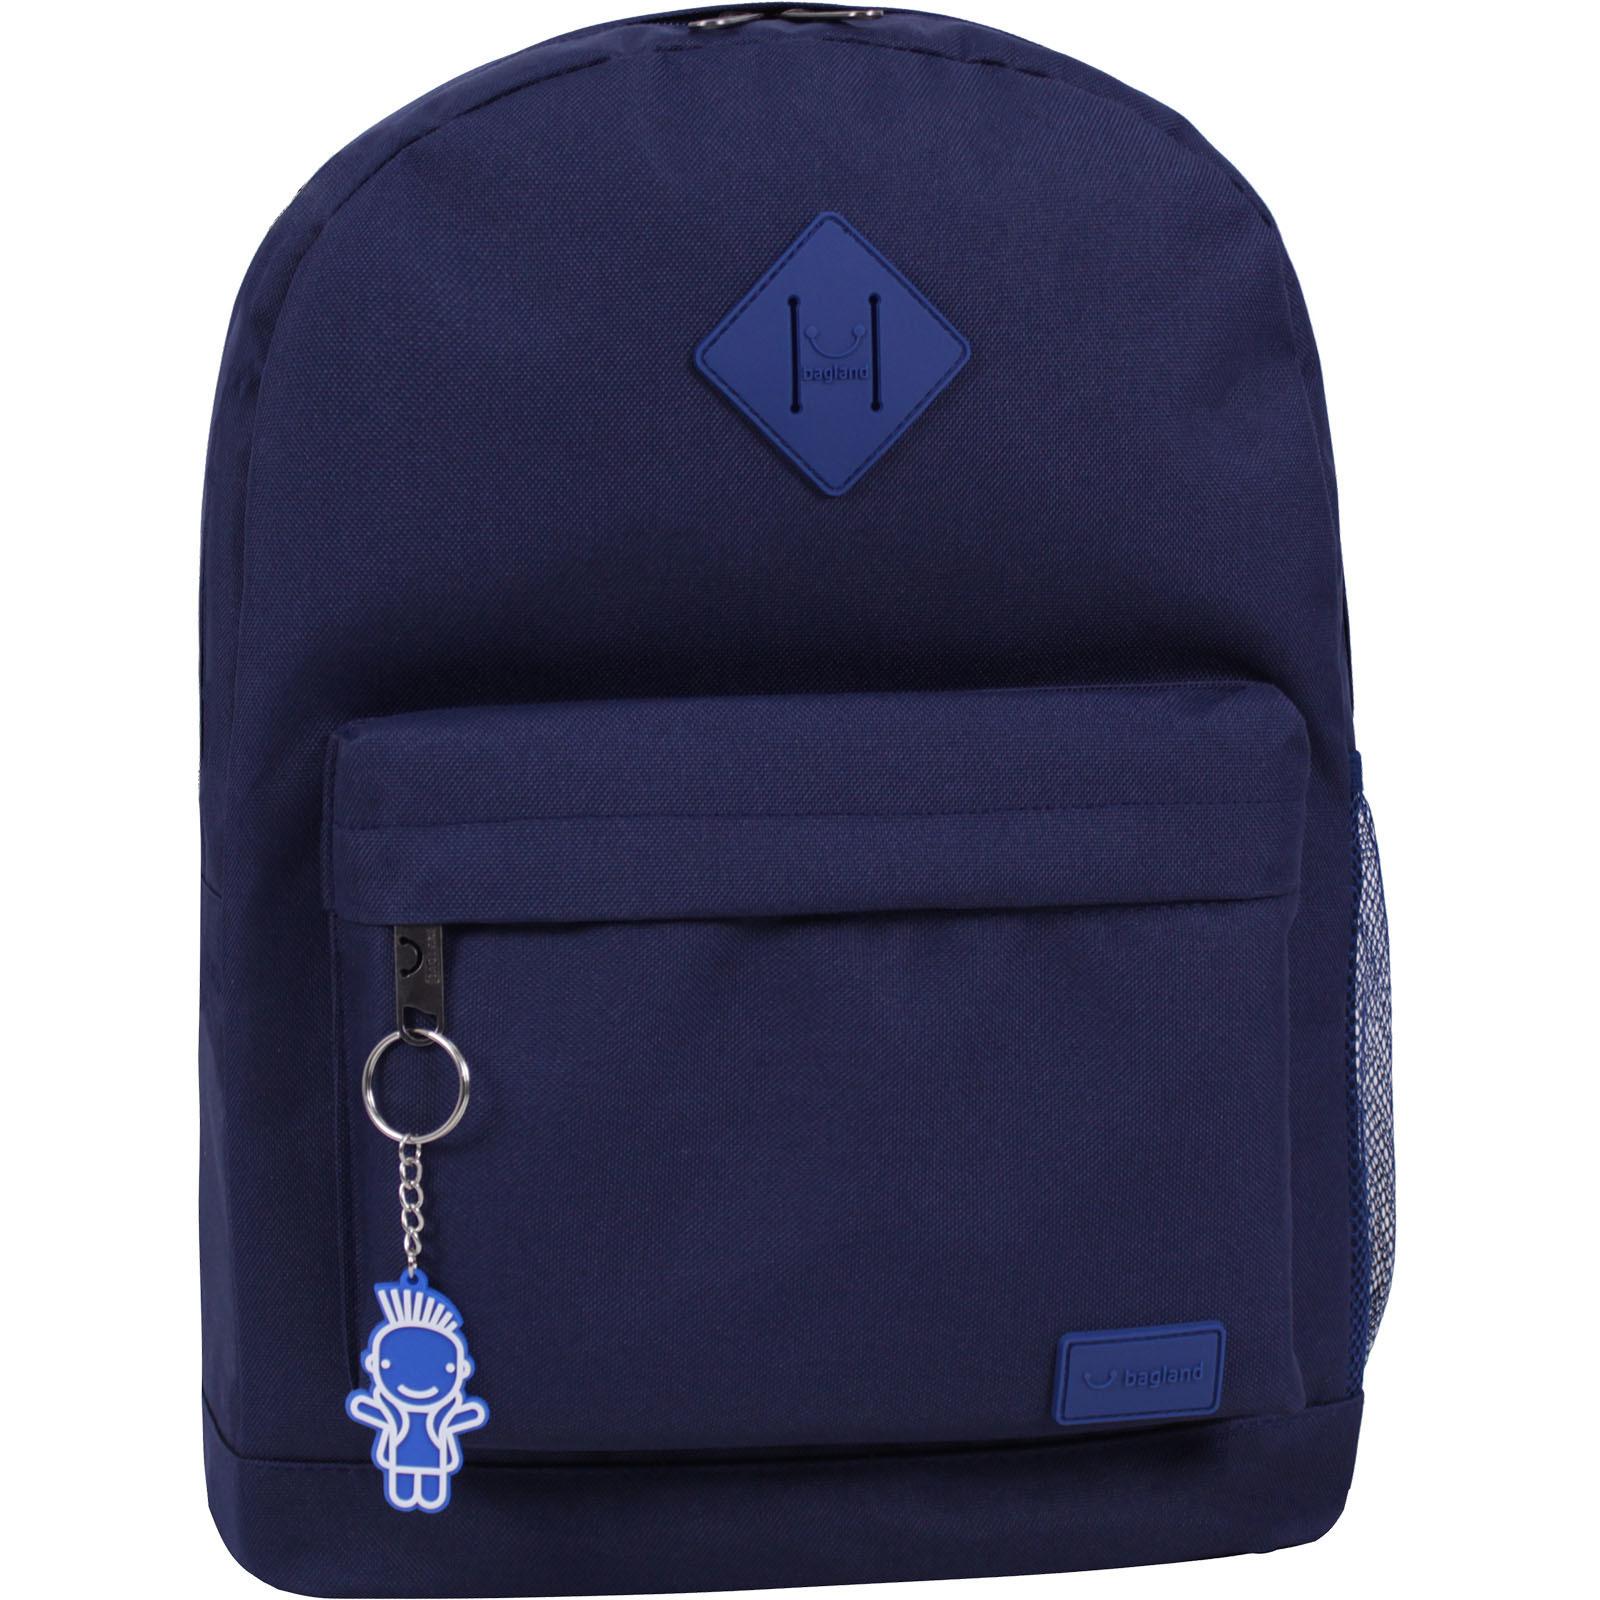 Средние рюкзаки Рюкзак Bagland Молодежный W/R 17 л. чернильный (00533662) IMG_7957-1600.jpg